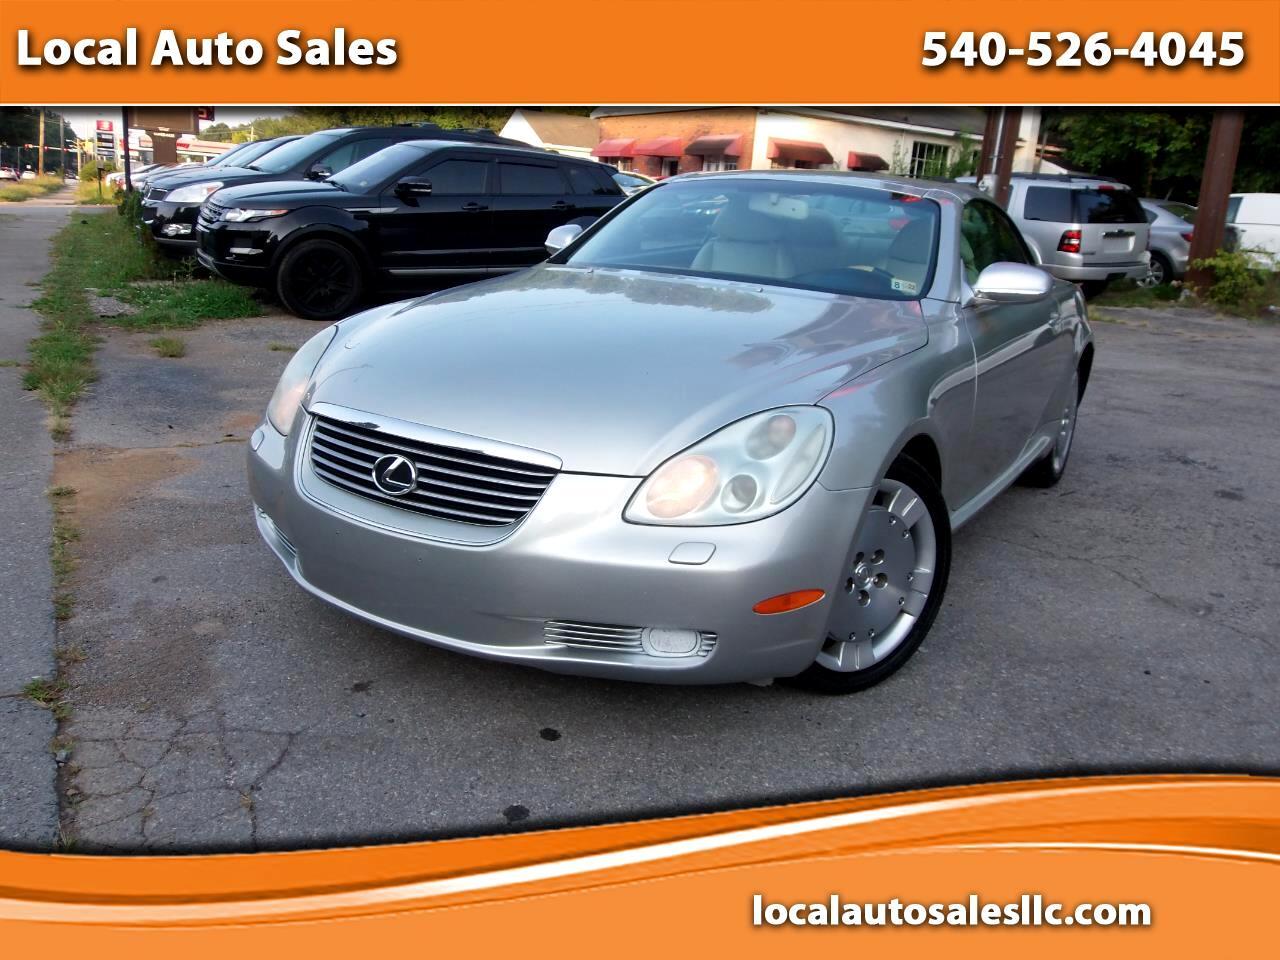 Lexus SC 430 2dr Convertible 2003